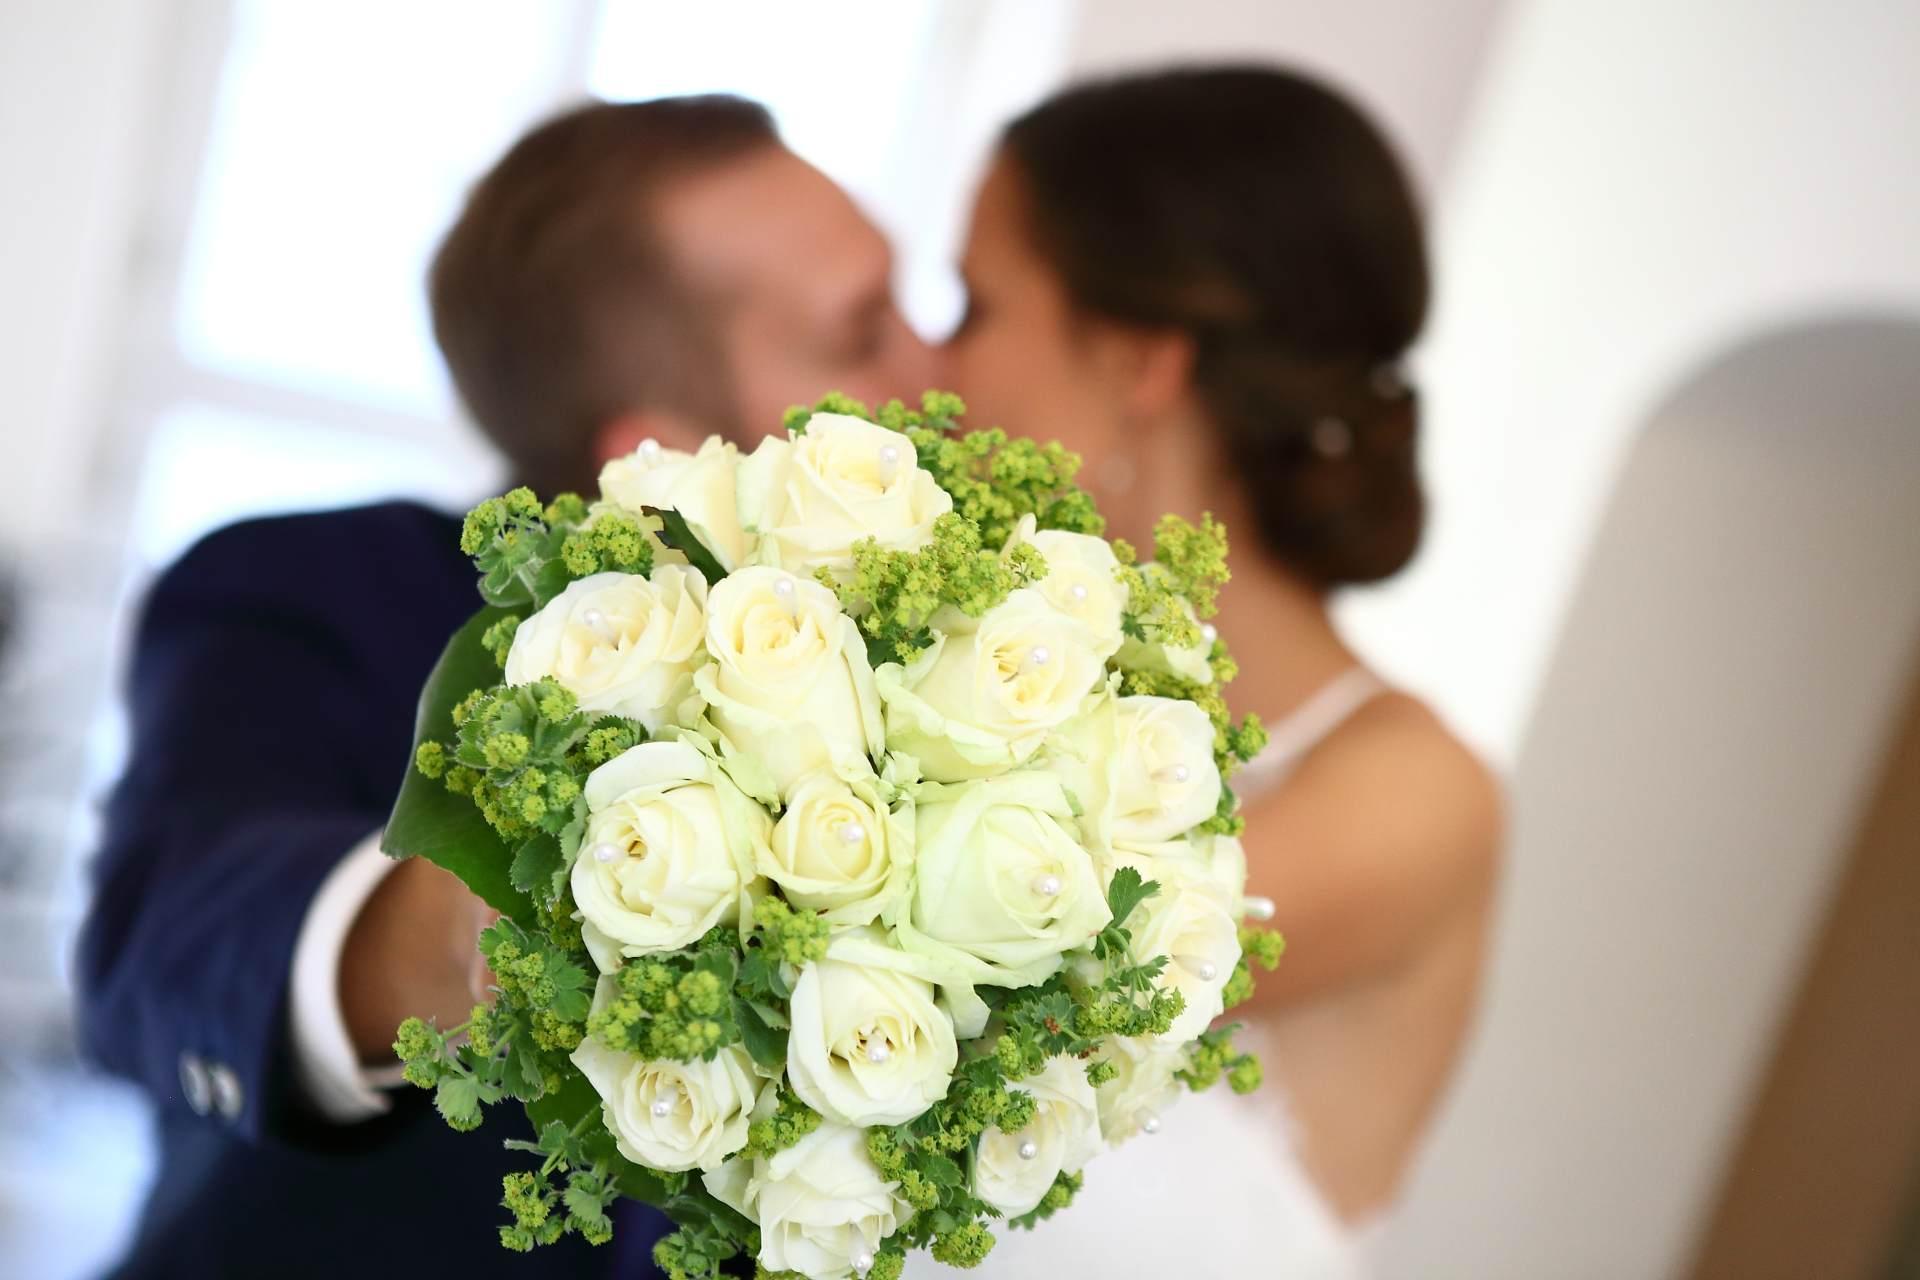 Hochzeitsfotos in Leipzig - Brautstrauß wird in die Kamera gehalten